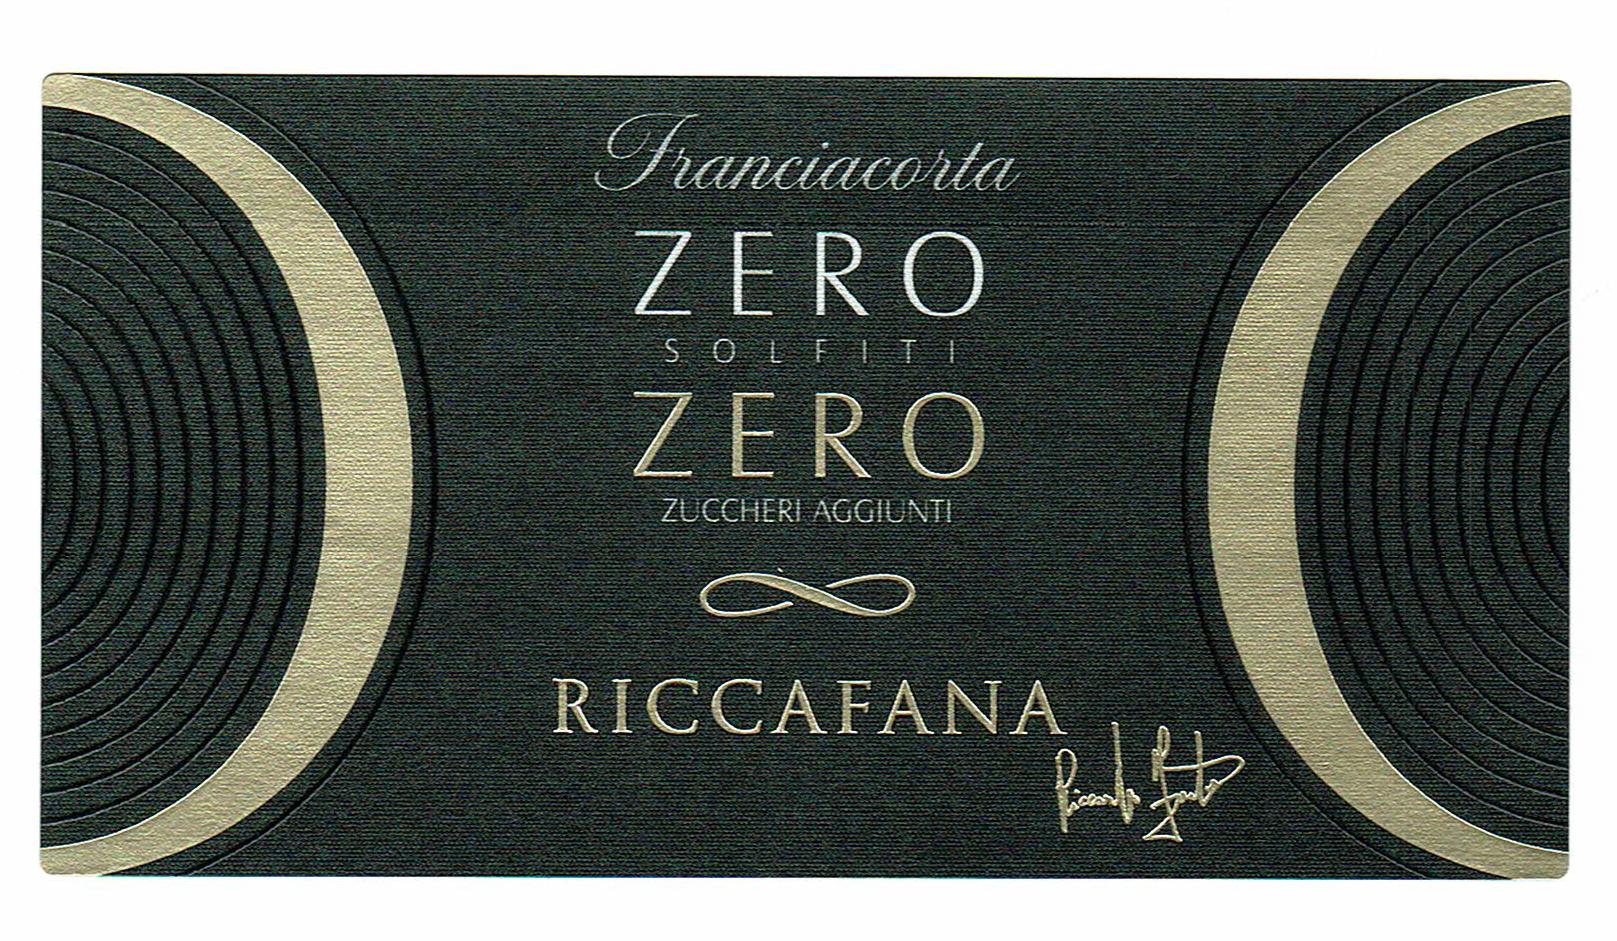 Riccafana Zero Zero Dosaggio Zero Senza Solfiti Bio